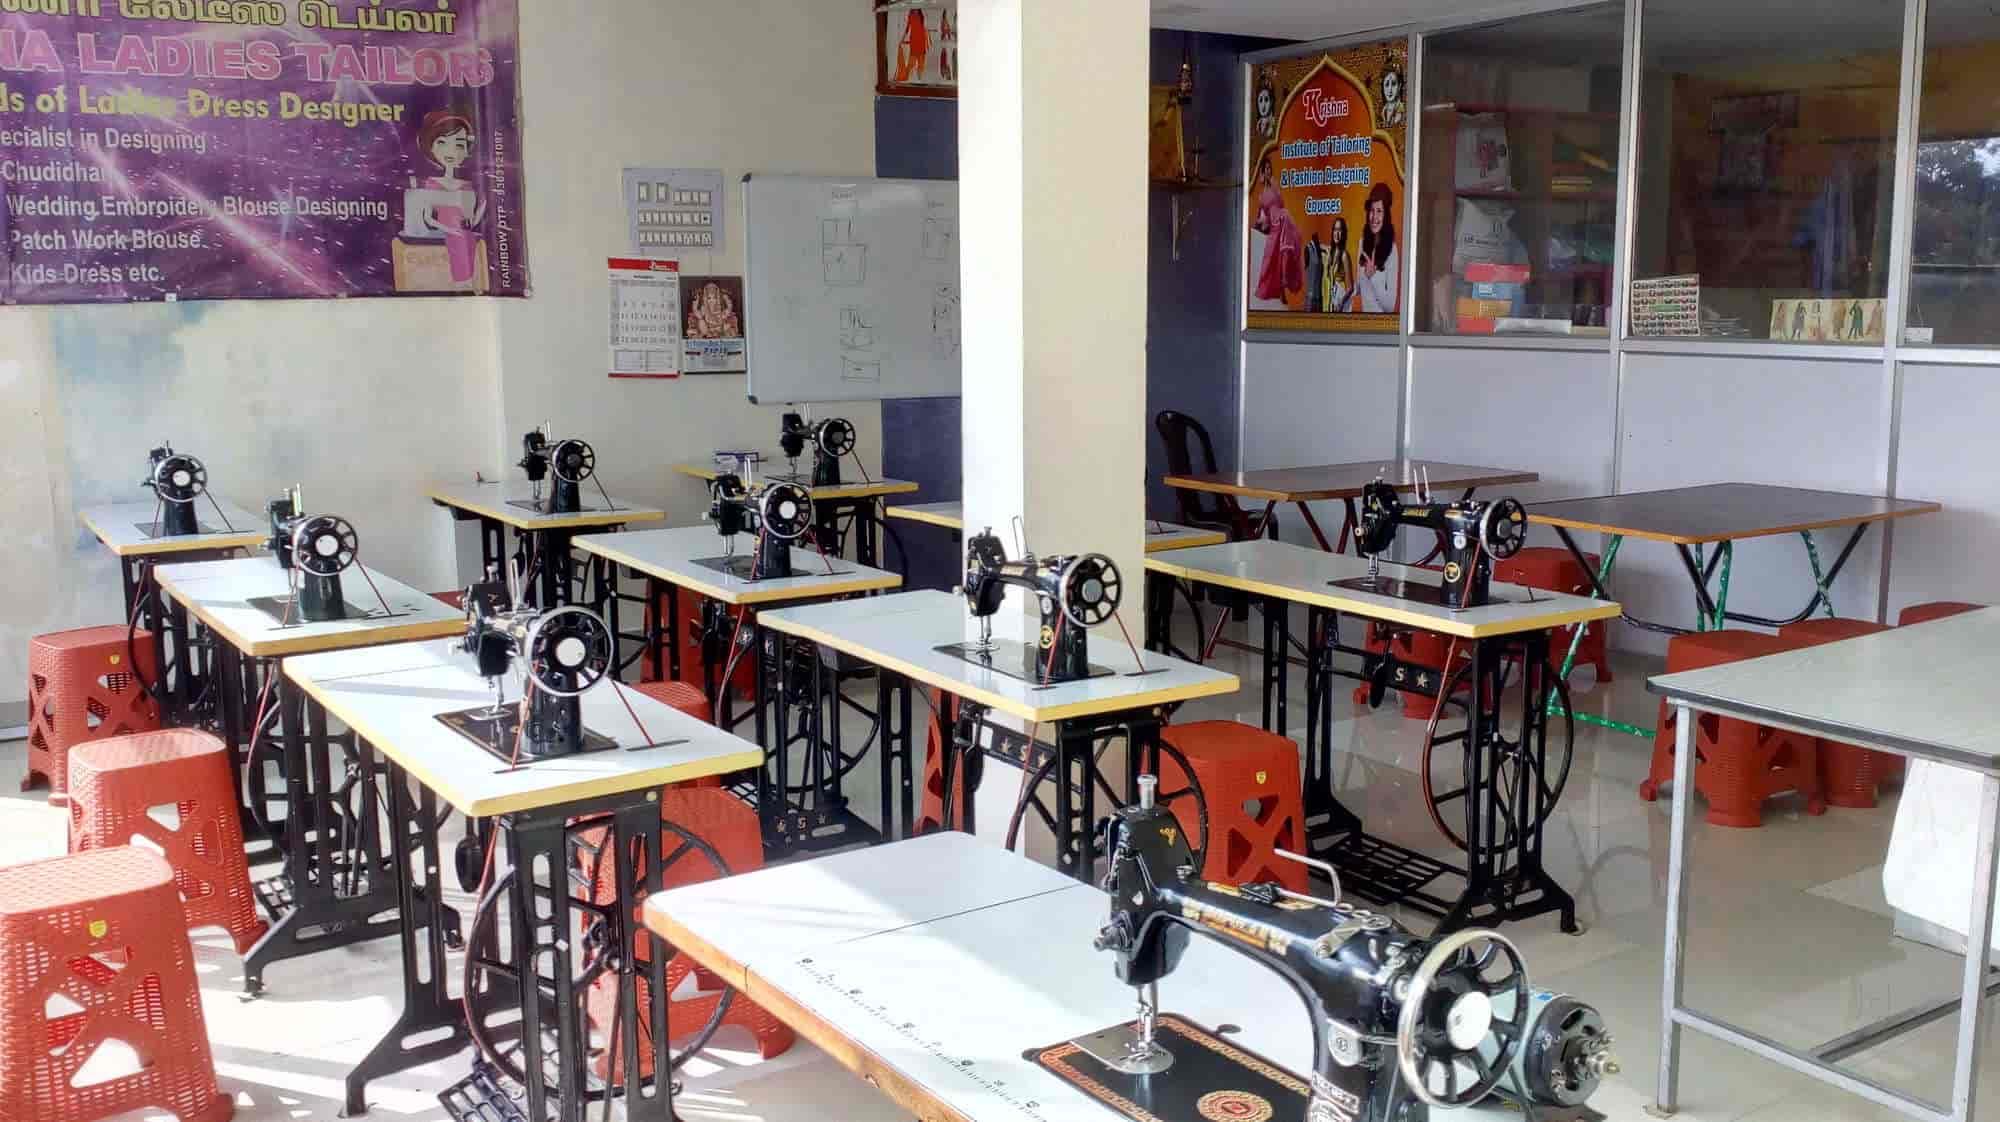 Krishna Institute Of Tailoring Fashion Designing Courses Sundarapuram Tailoring Classes In Coimbatore Justdial